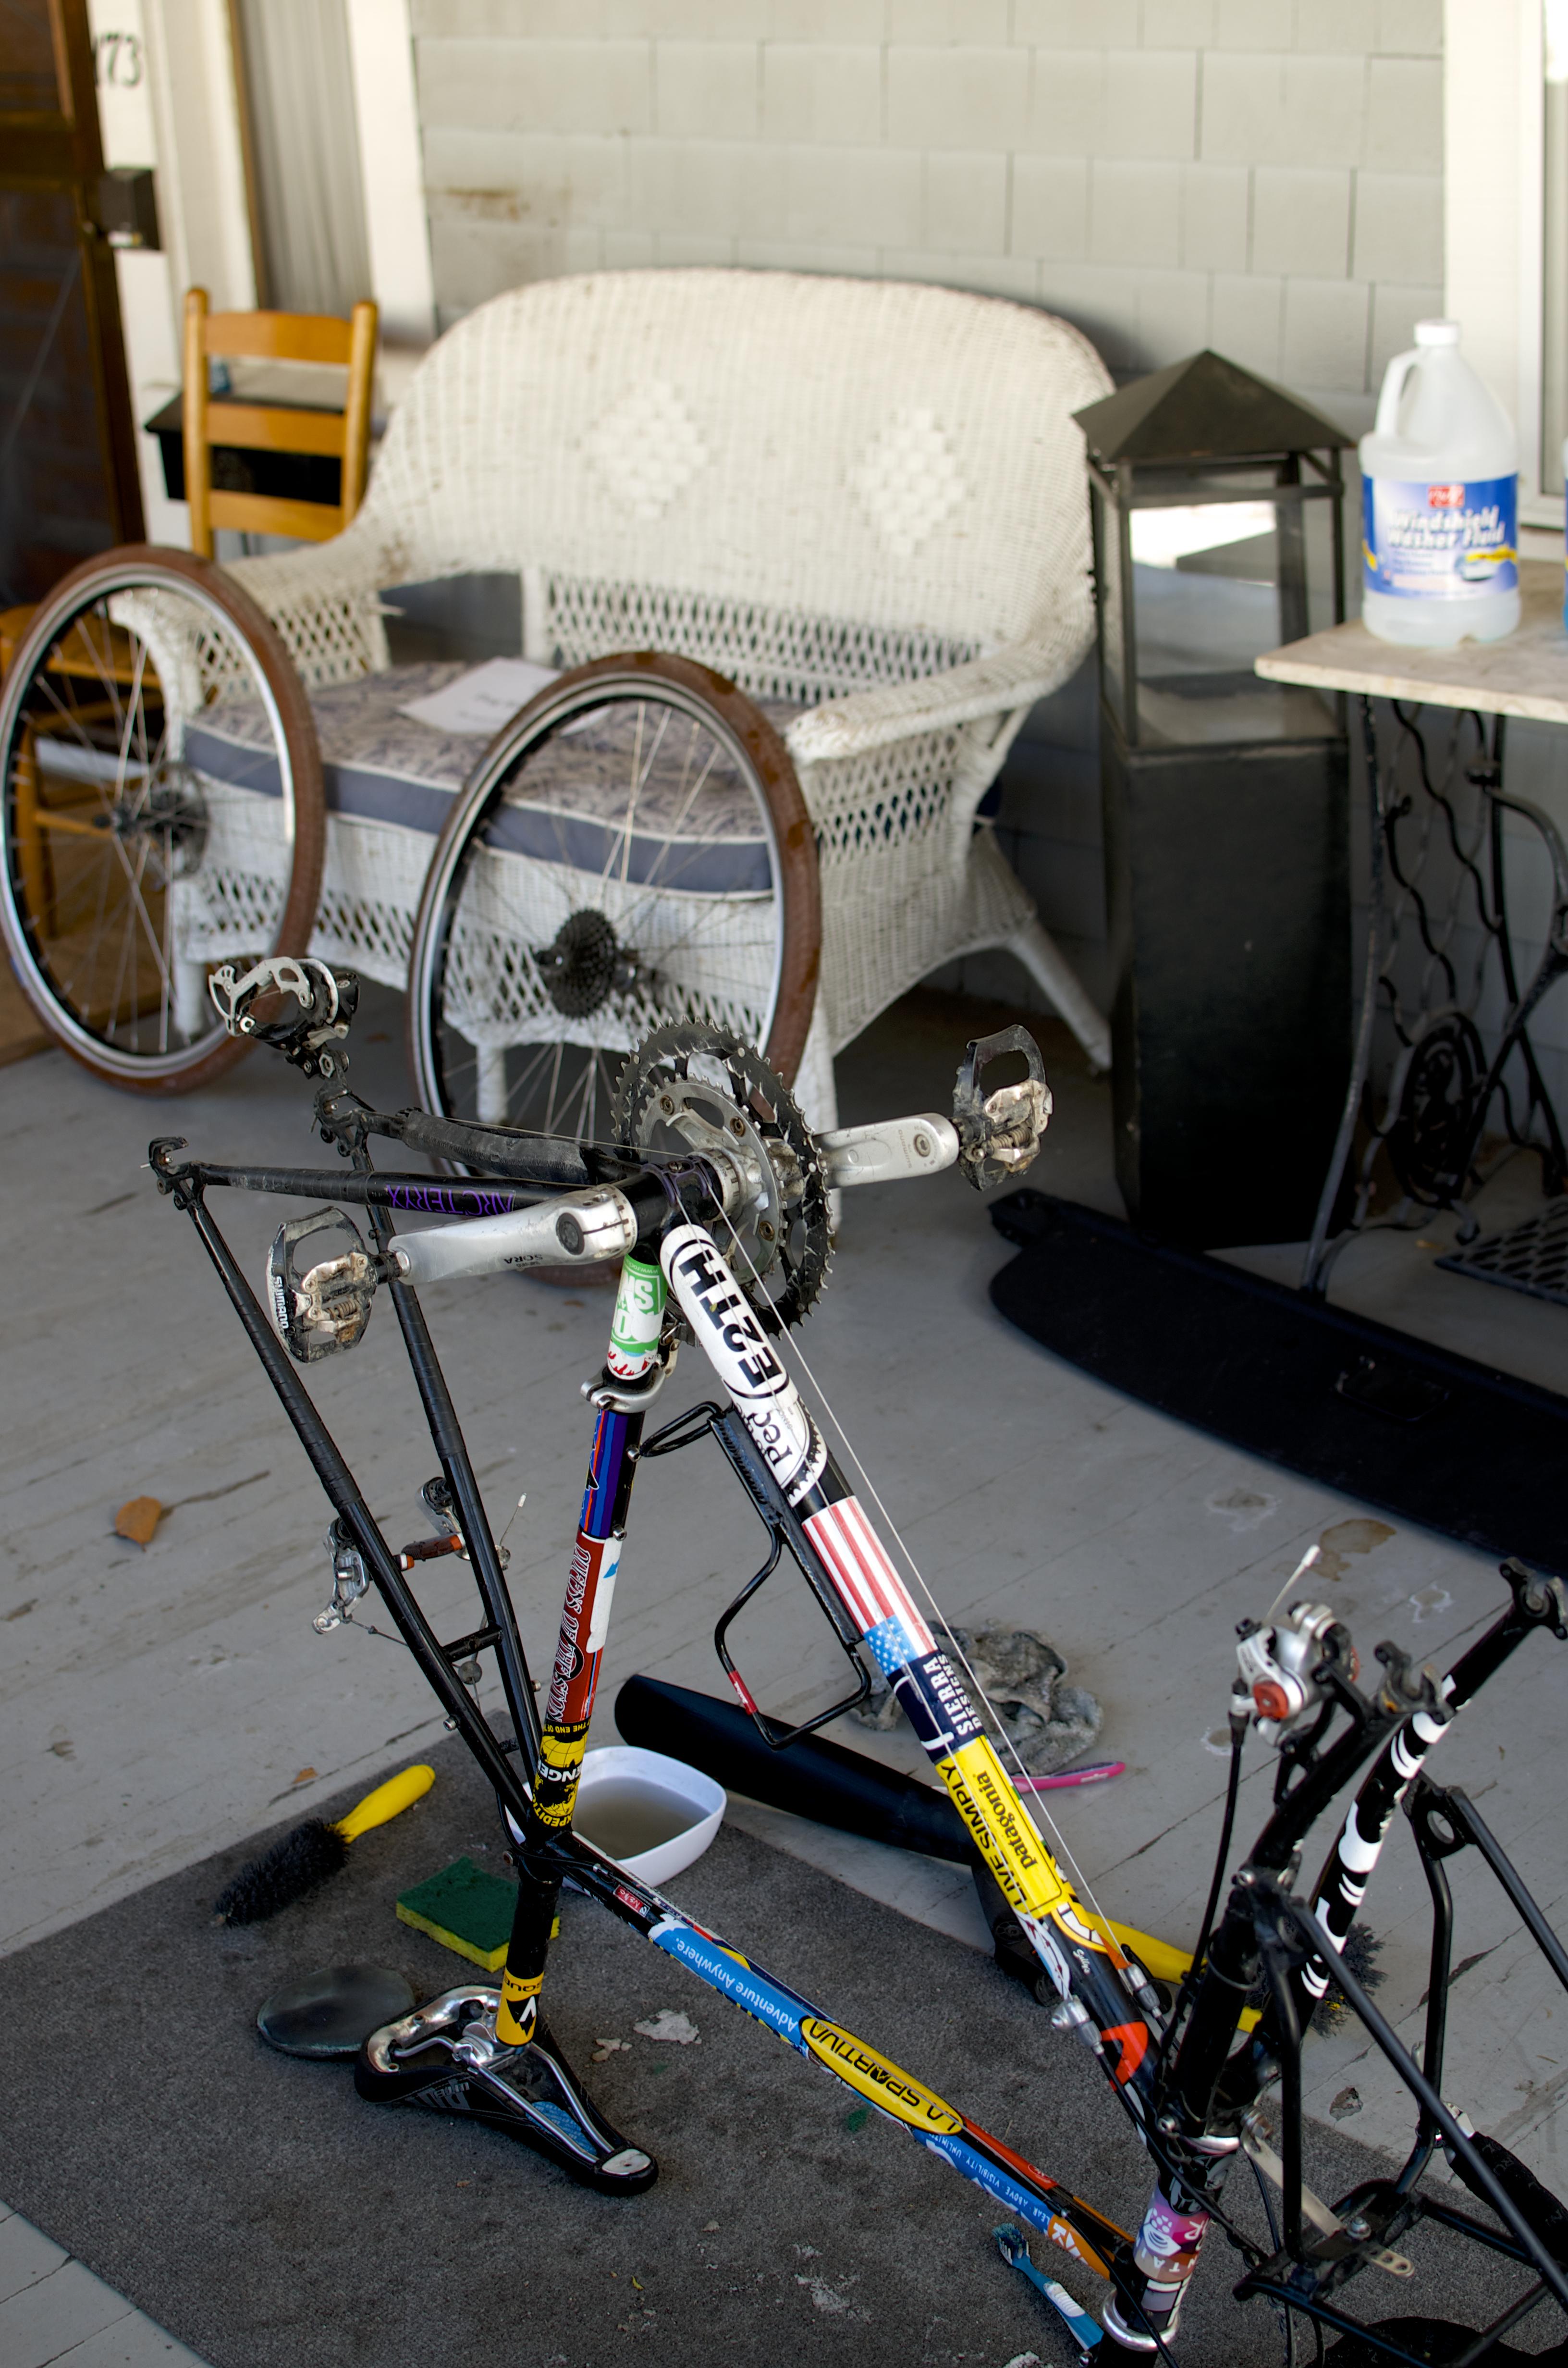 Clean Bike, Clean Mind – Max, The Cyclist